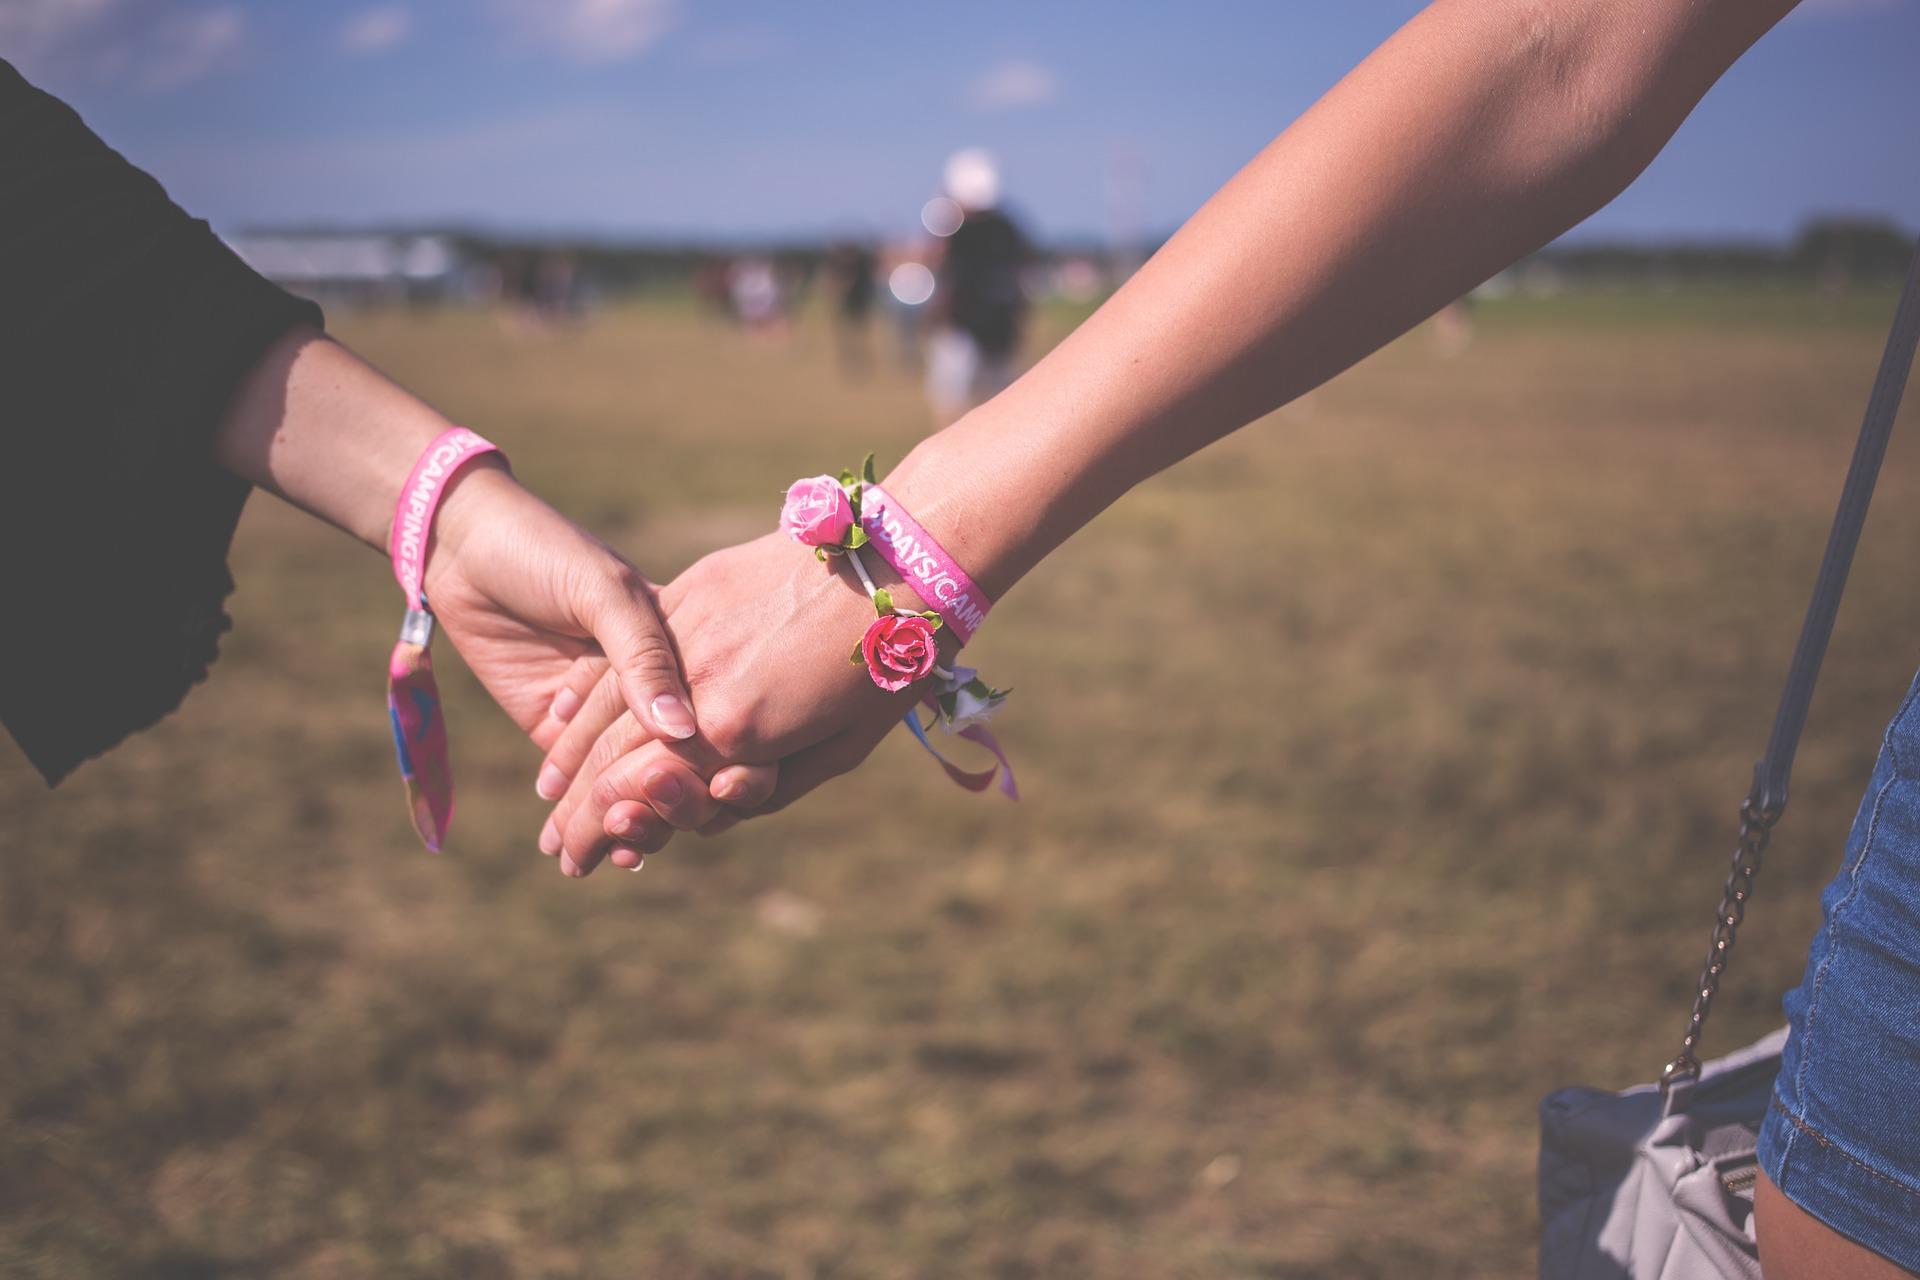 Pary homoseksualne bardzo często spotykają się w Polsce z brakiem akceptacji (fot. pixabay.com)